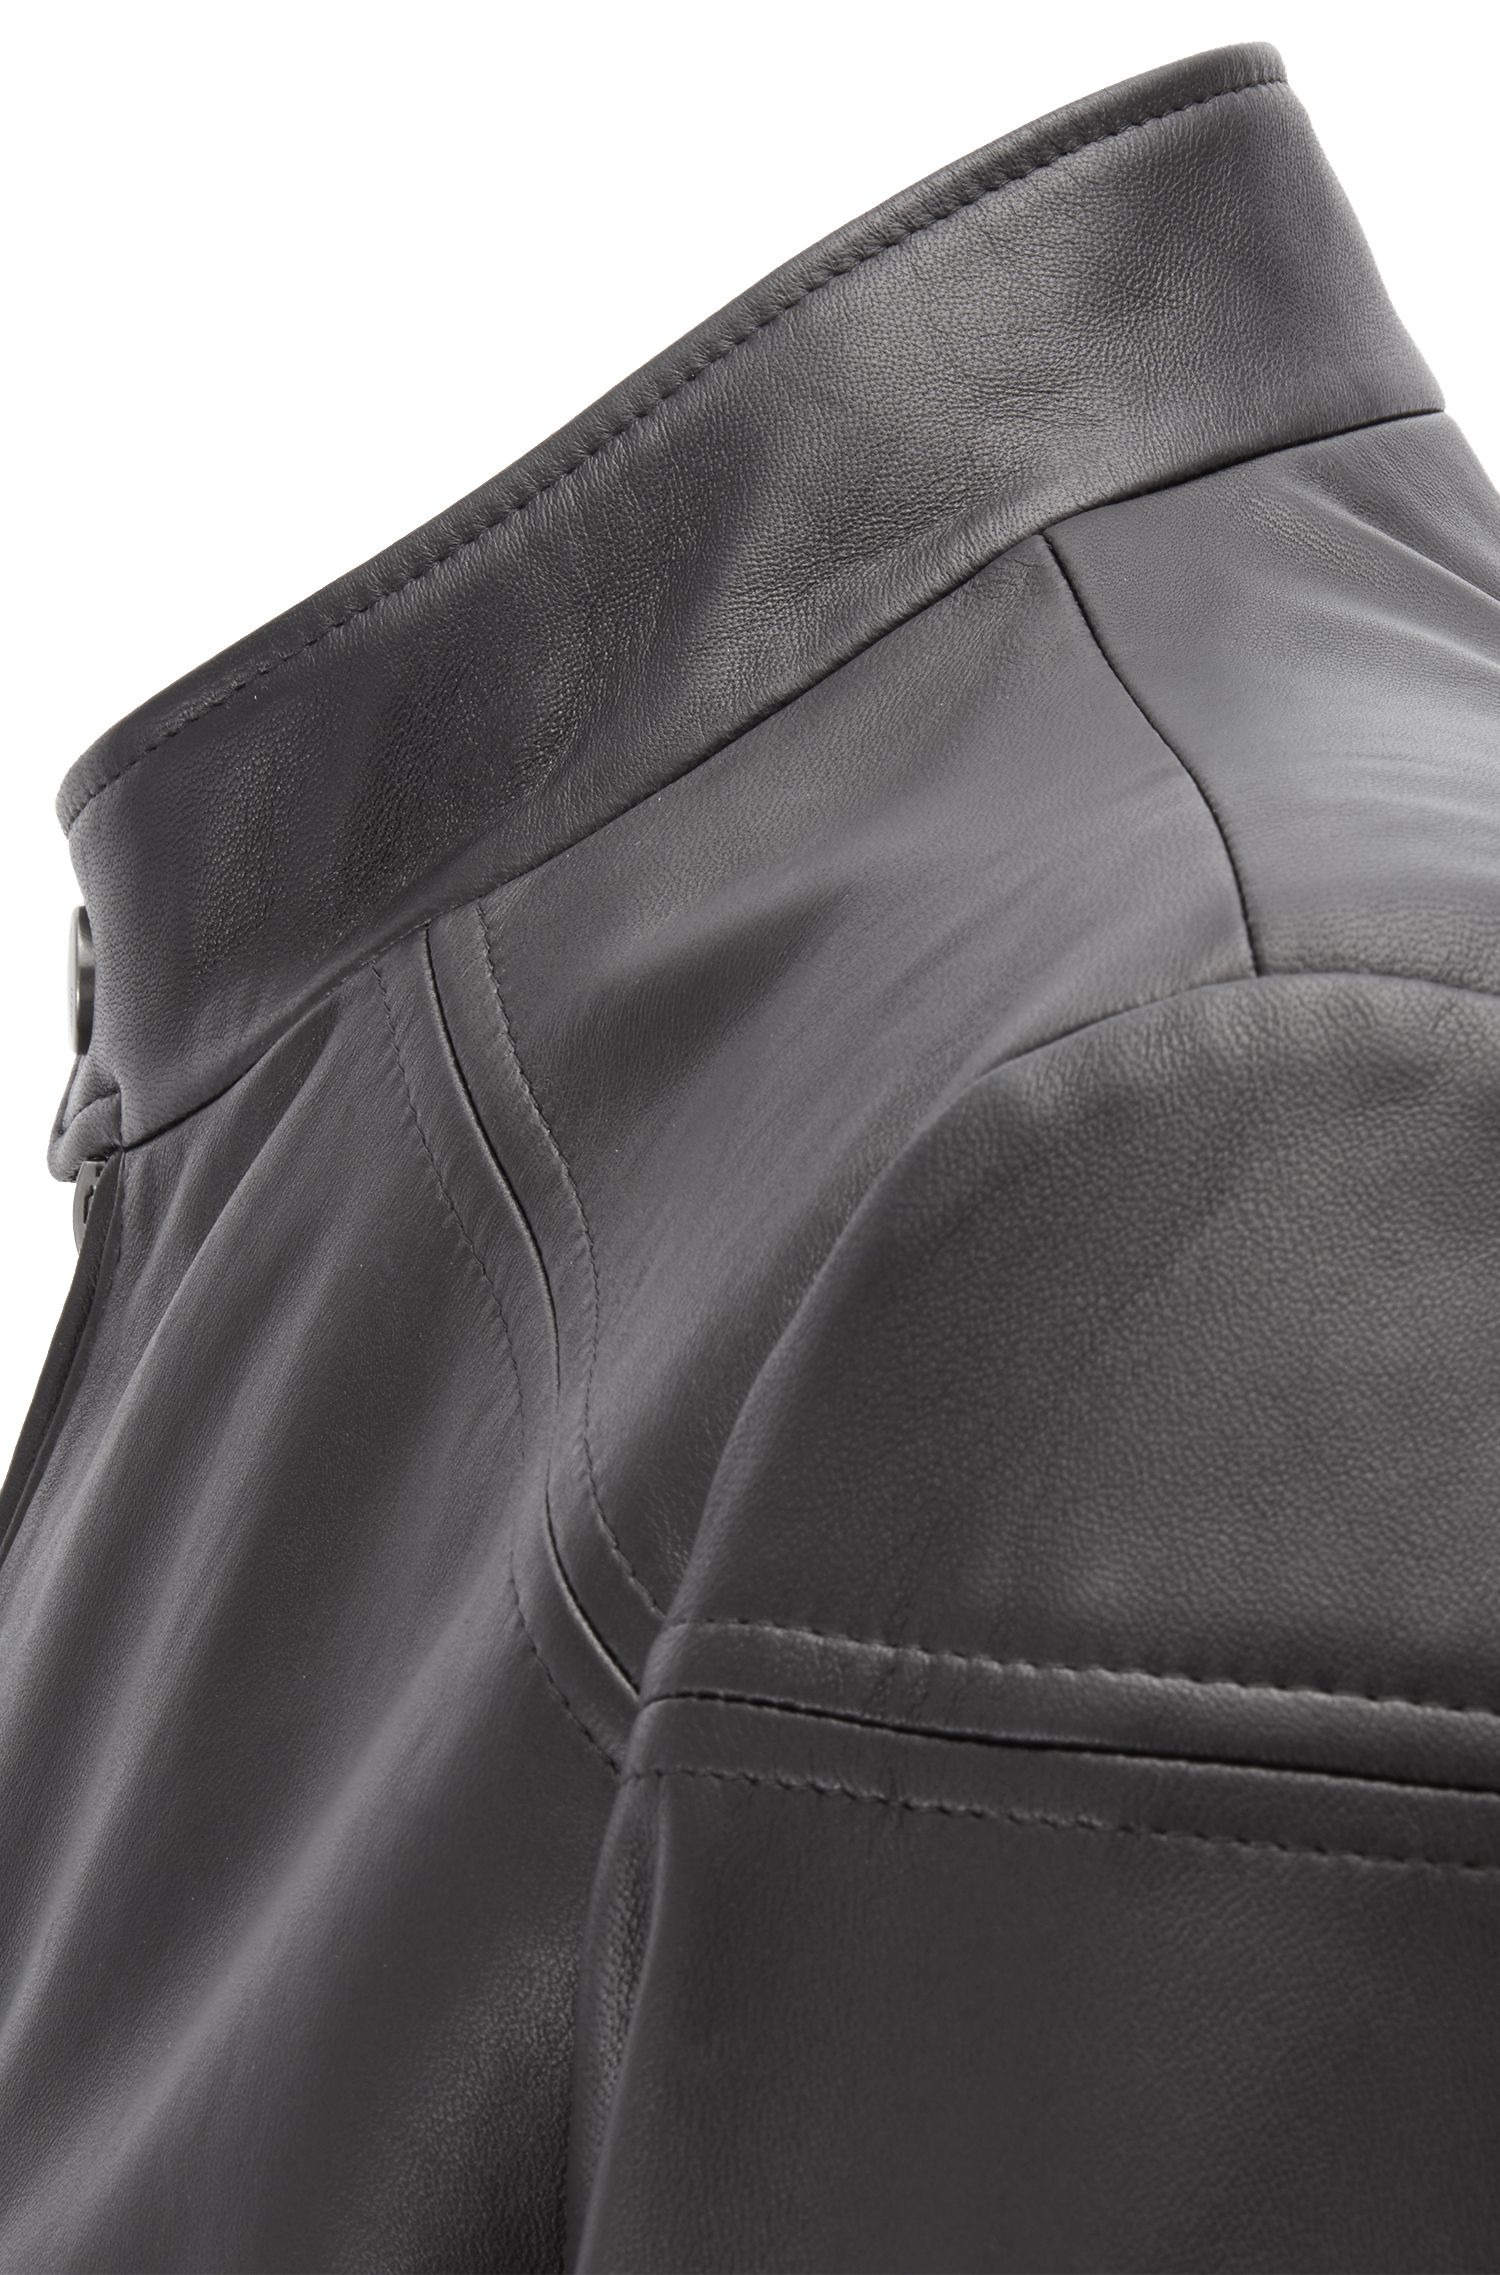 Regular-Fit Jacke aus Nappaleder, Schwarz